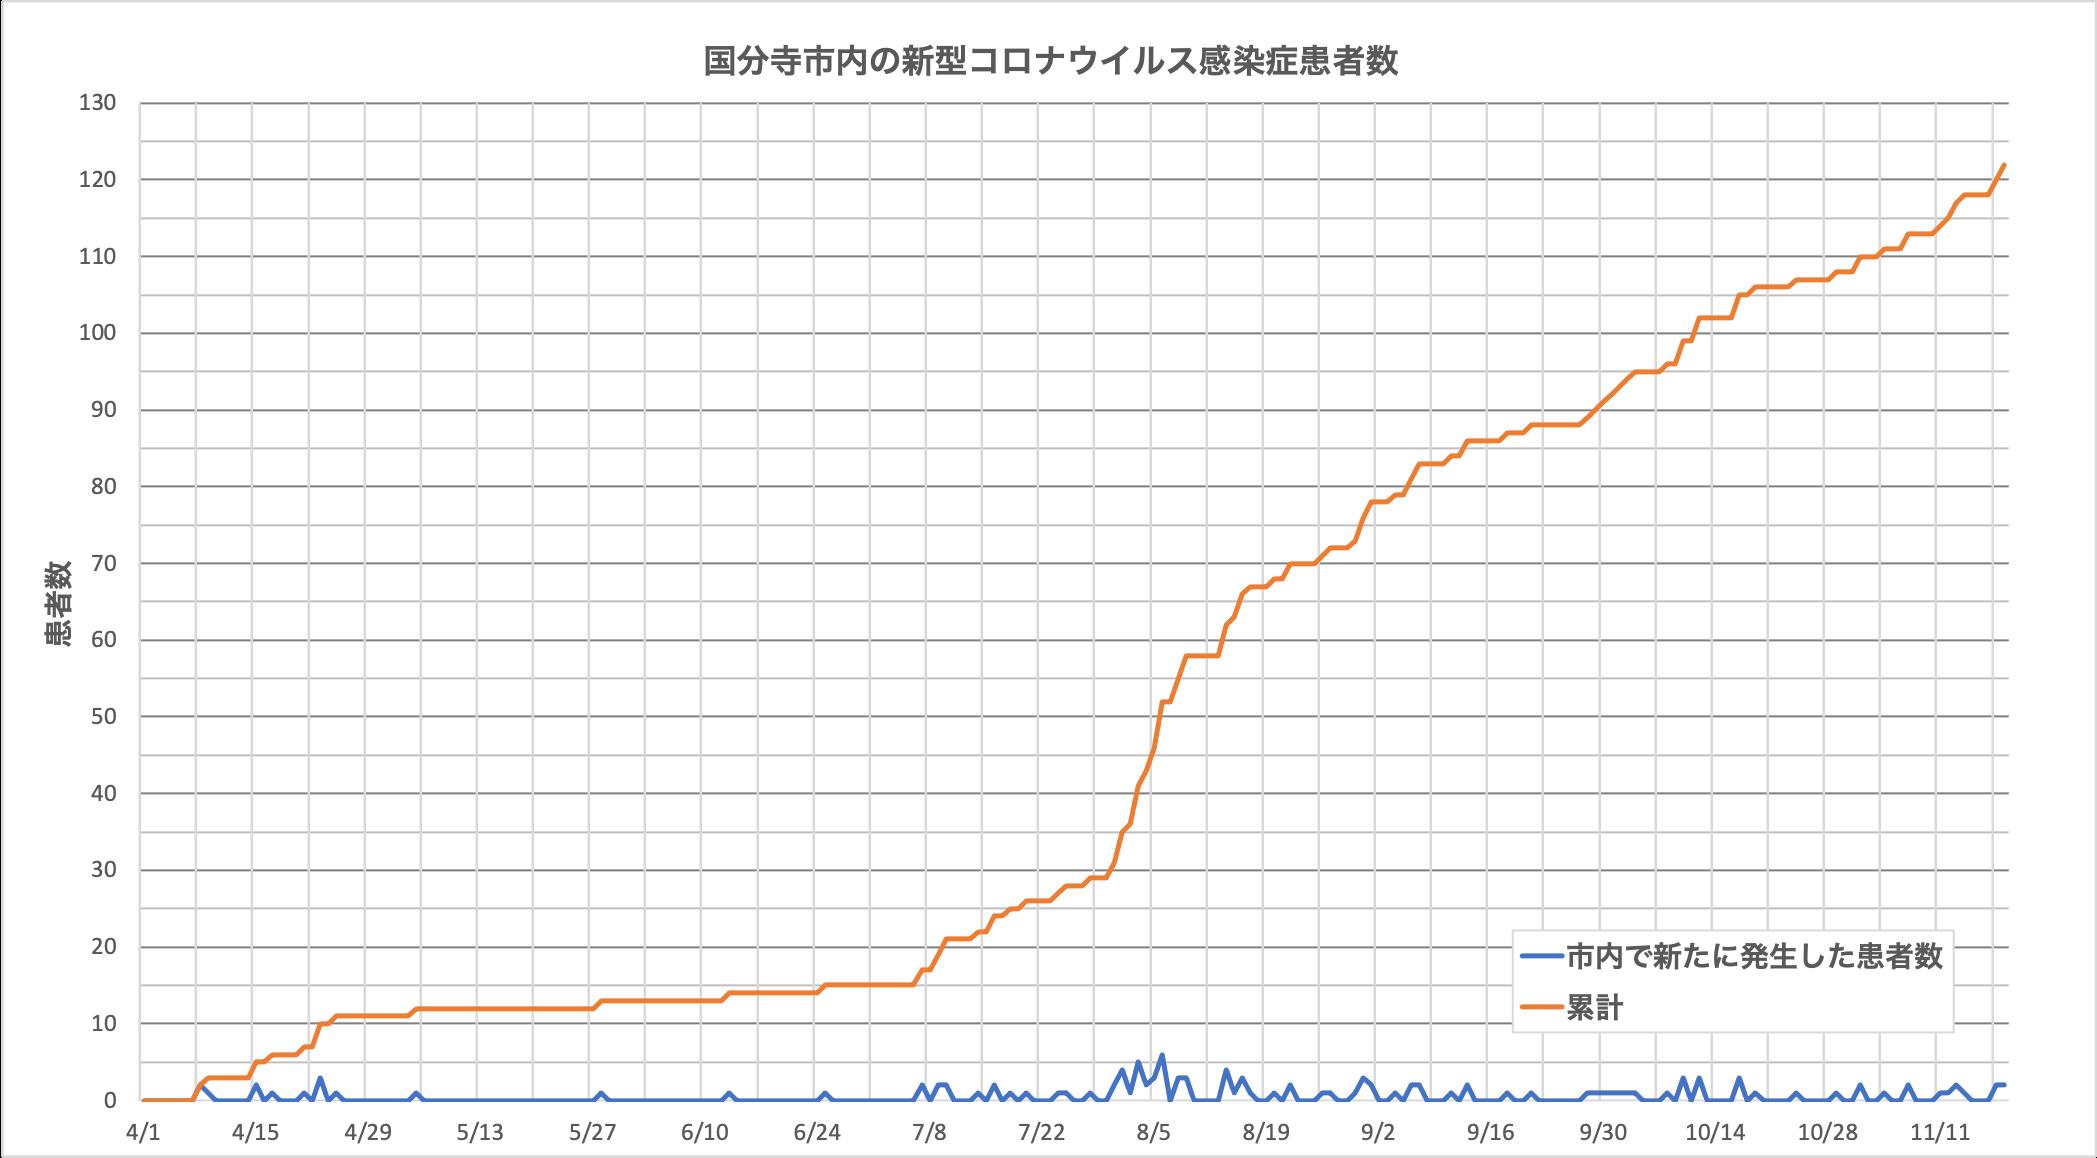 国分寺市内の新型コロナウイルス感染症患者数